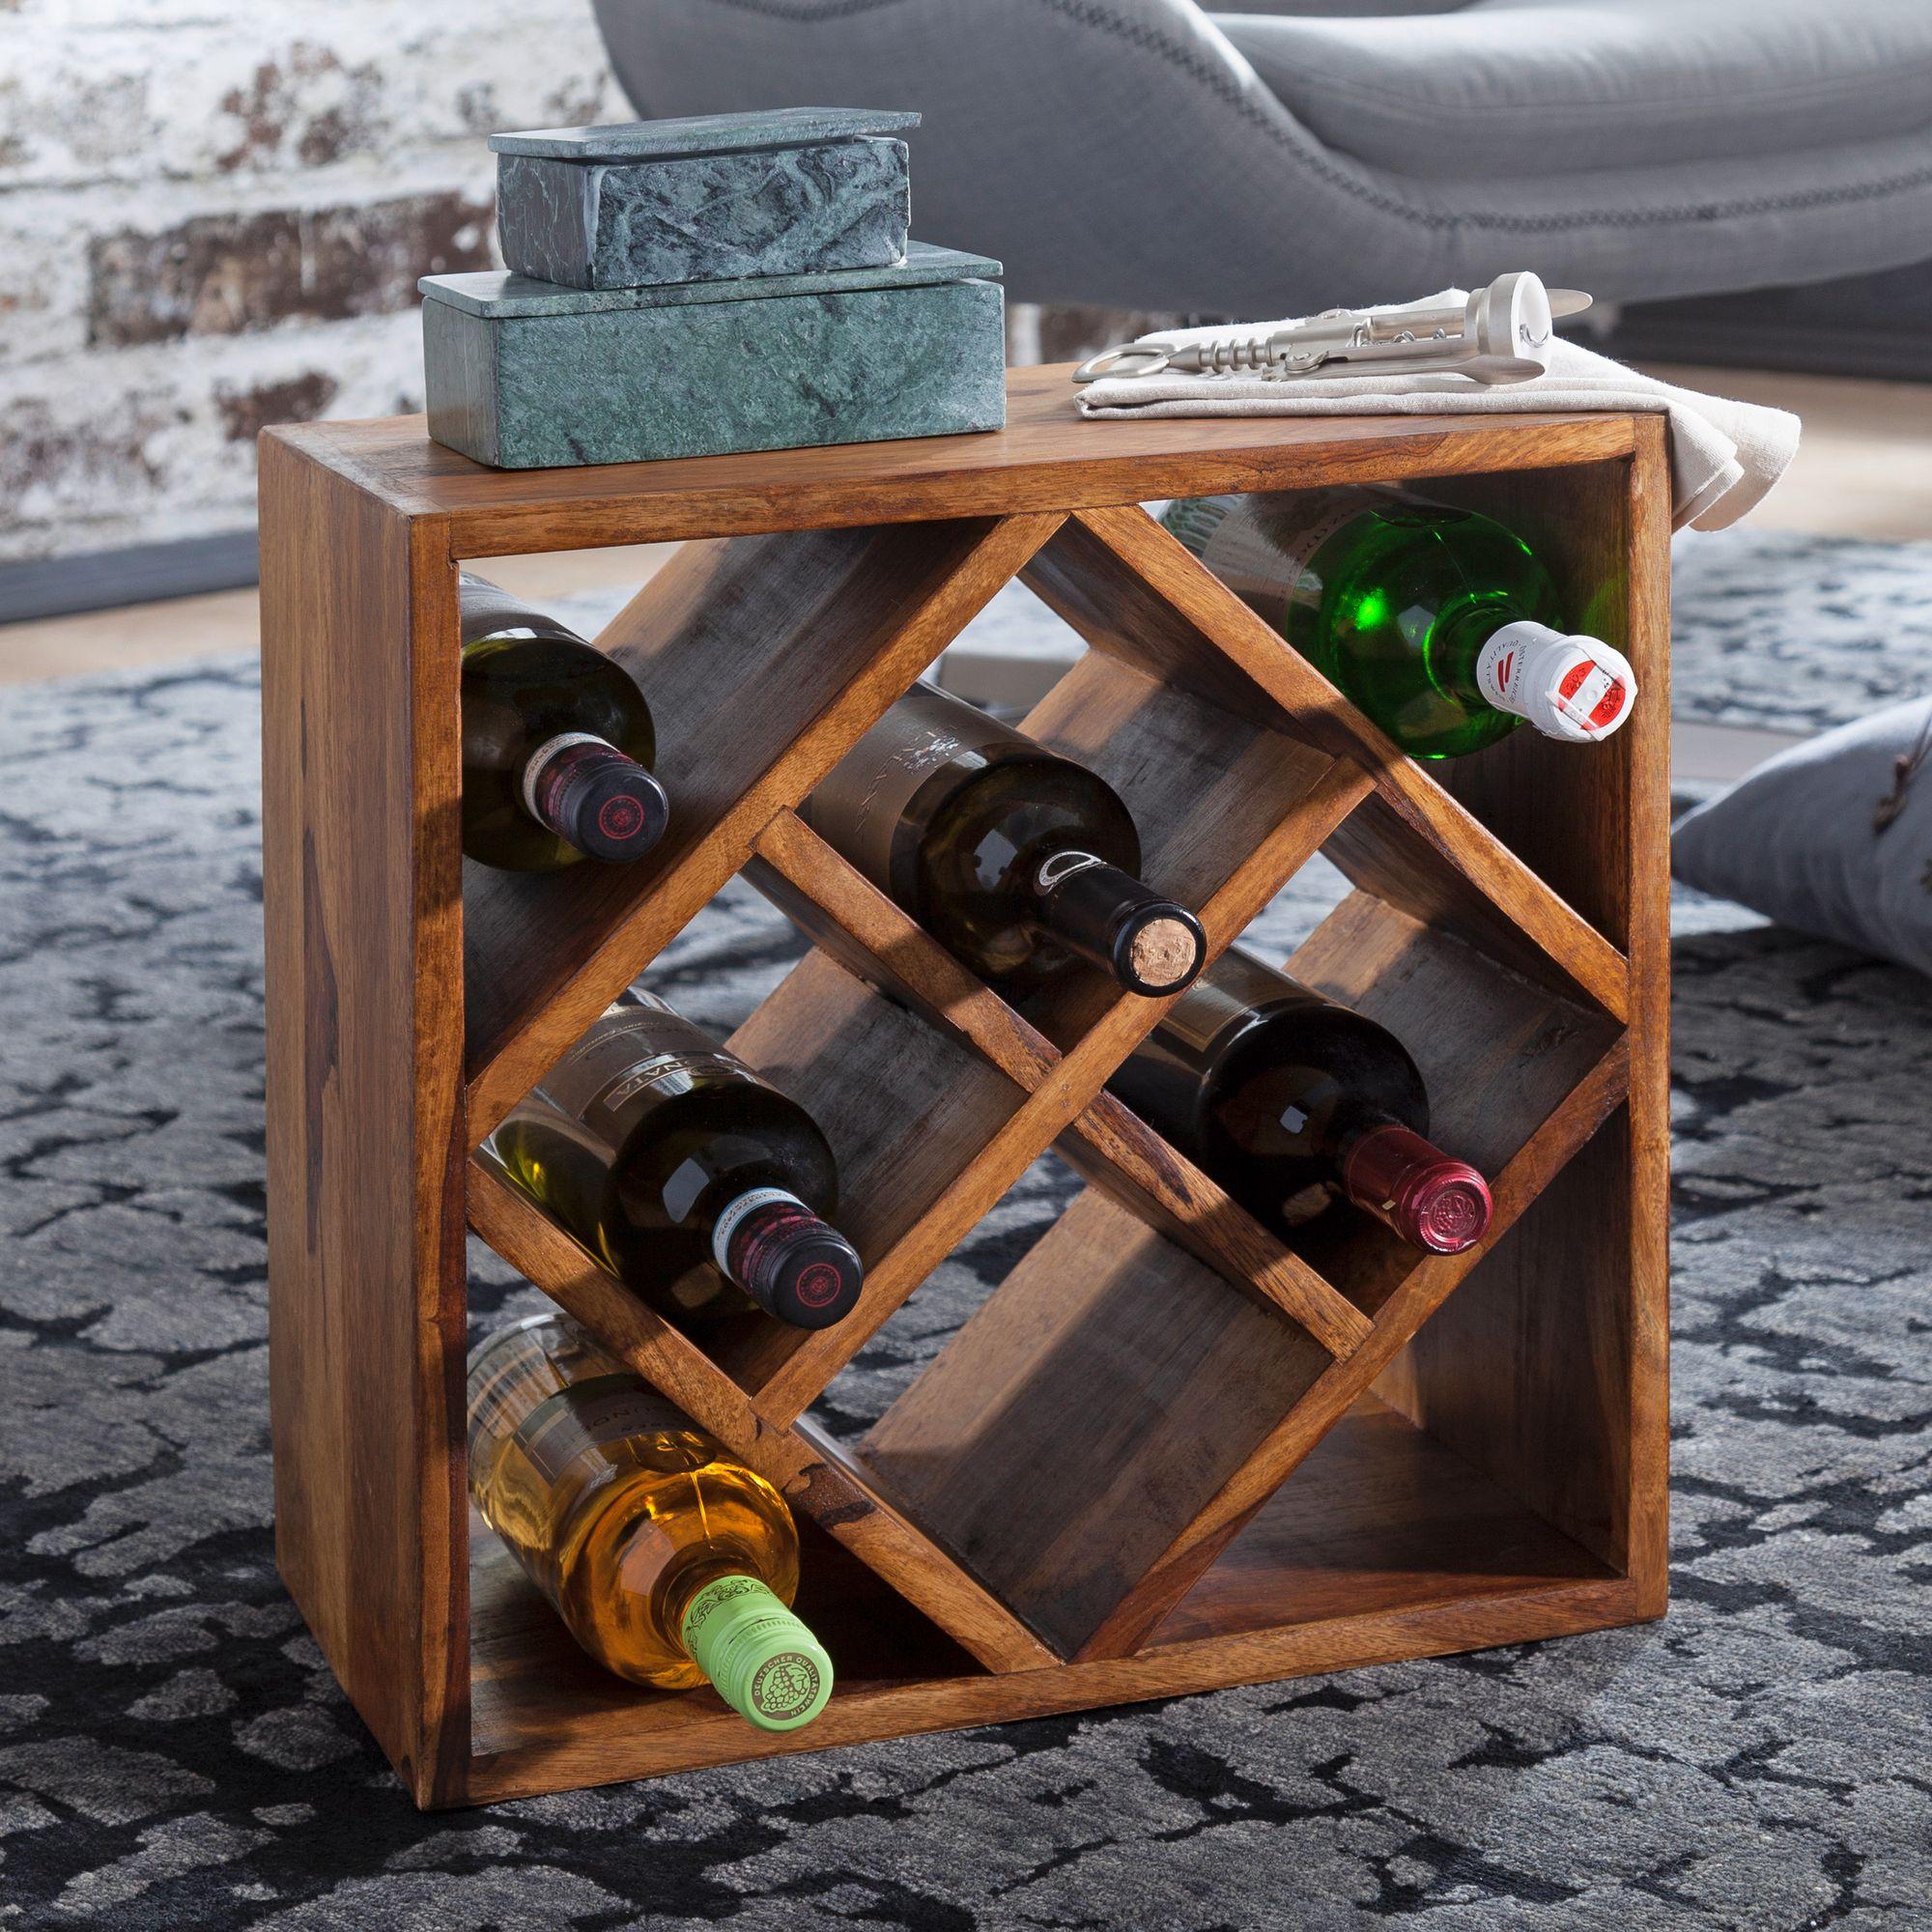 WOHNLING Weinregal WL15.15 Sheesham Massivholz 15x15x215cm Holzregal 15  Flaschen  Kleines Flaschenregal Standregal schmal  Design Getränkehalter  Holz